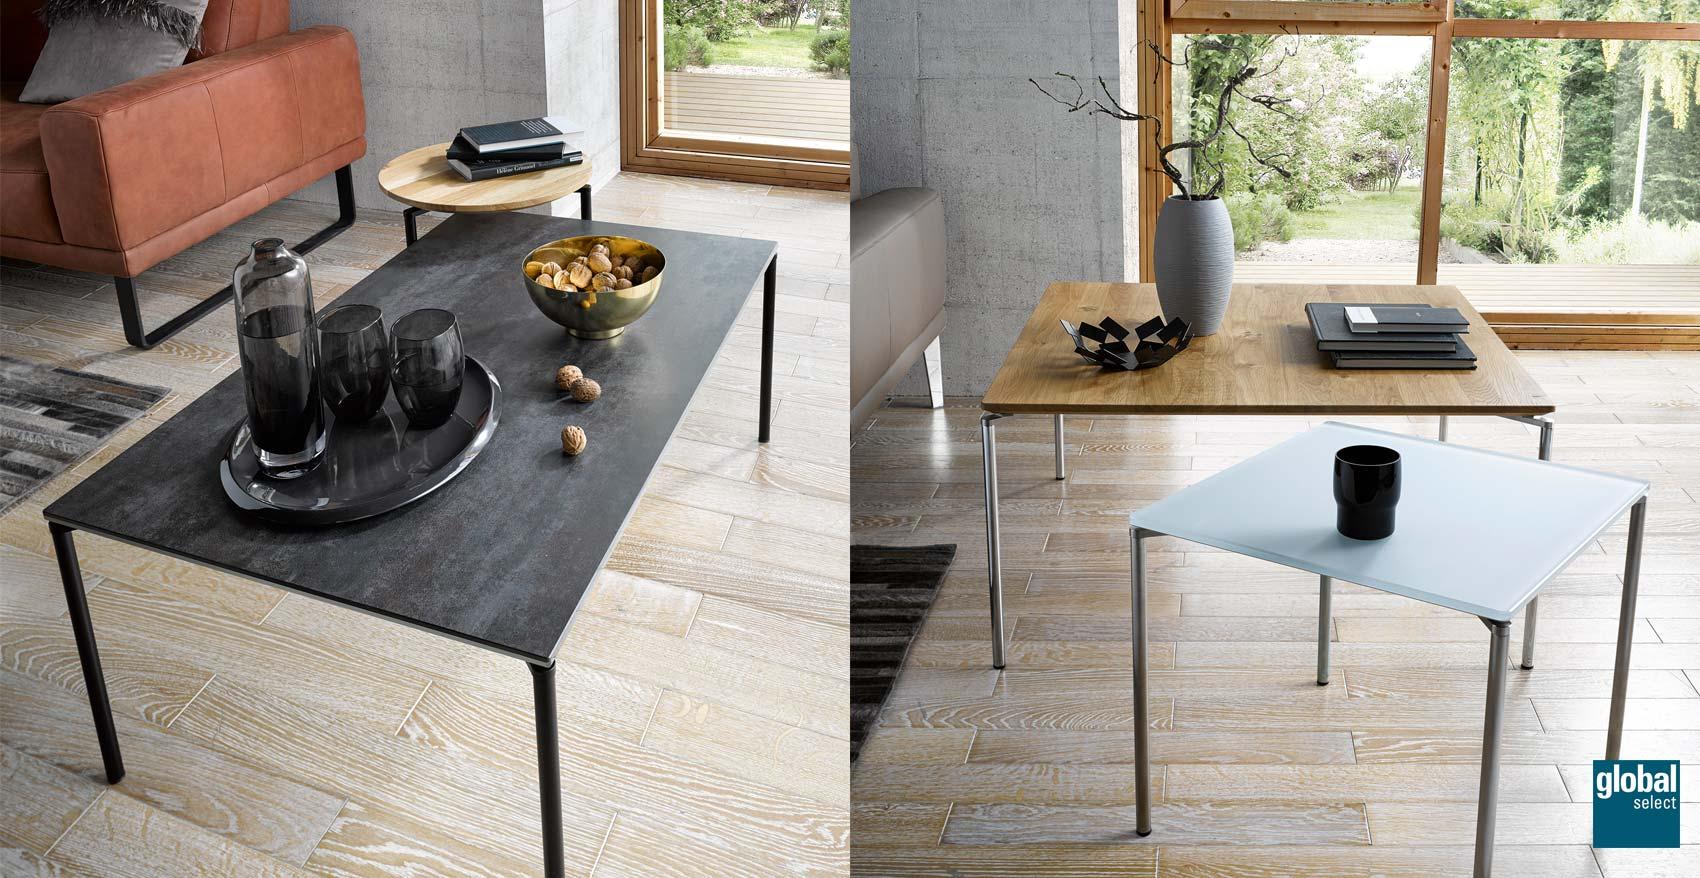 speisezimmer von global wohnen in norden ot neustadt nahe emden wilhelmshafen und bremerhaven. Black Bedroom Furniture Sets. Home Design Ideas